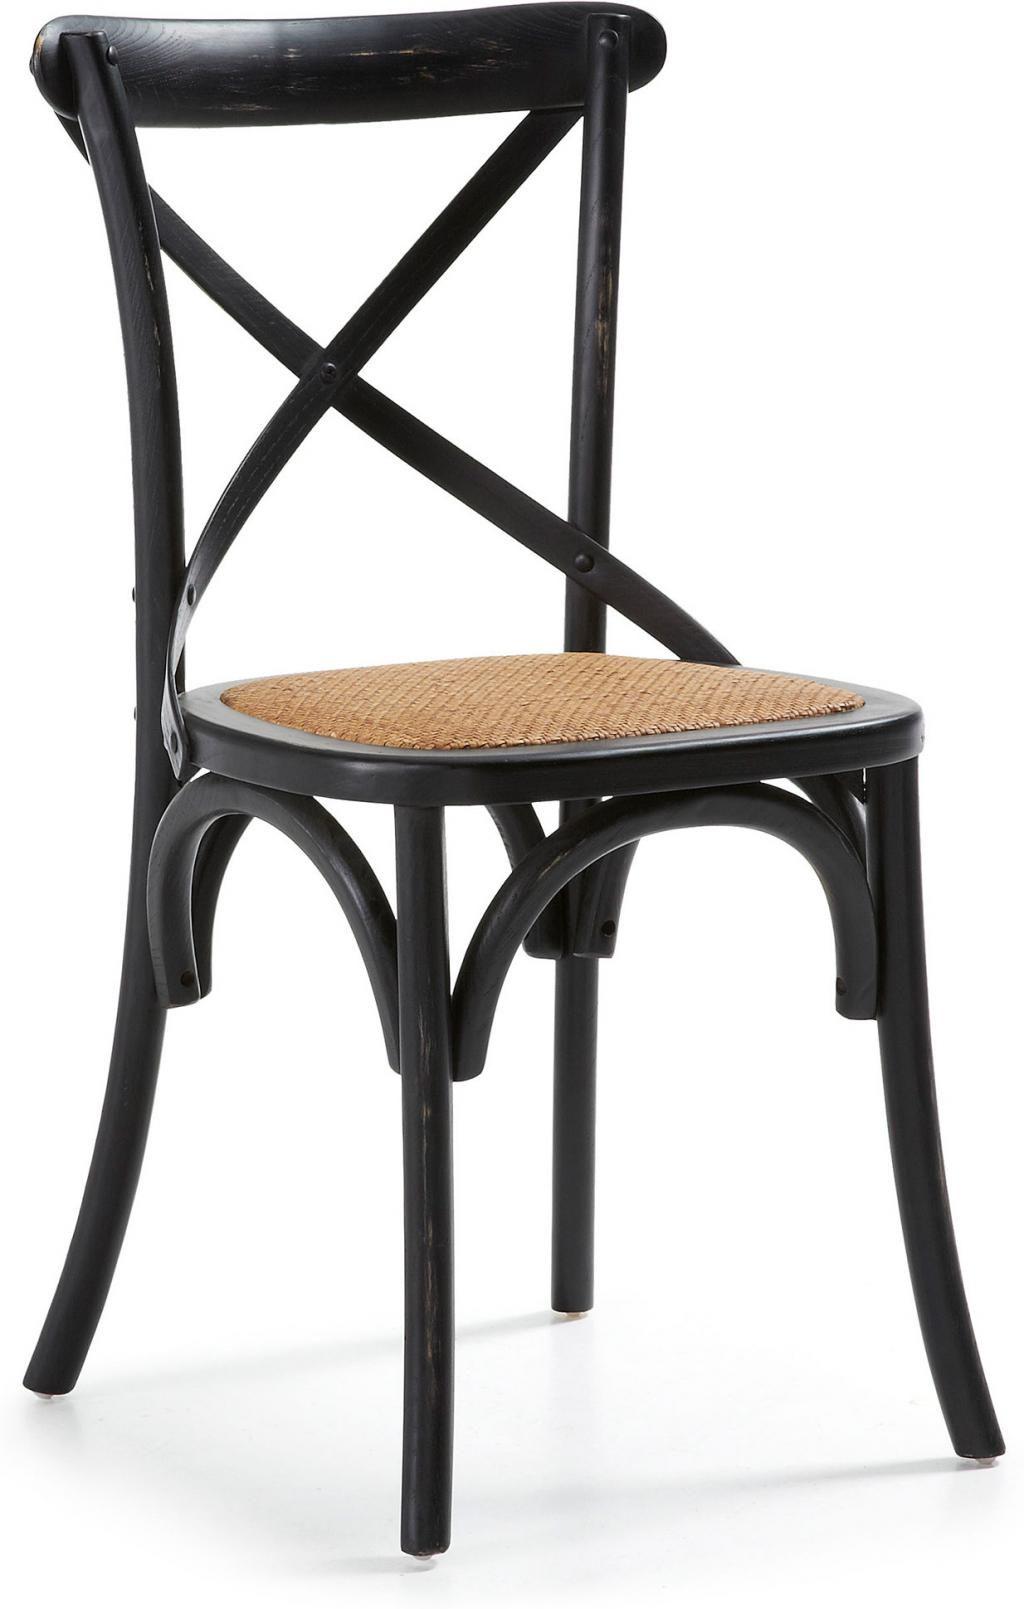 Stuhl alsie schwarz holz la forma kaufen wohn und lifestylewebshop - Stuhl holz schwarz ...